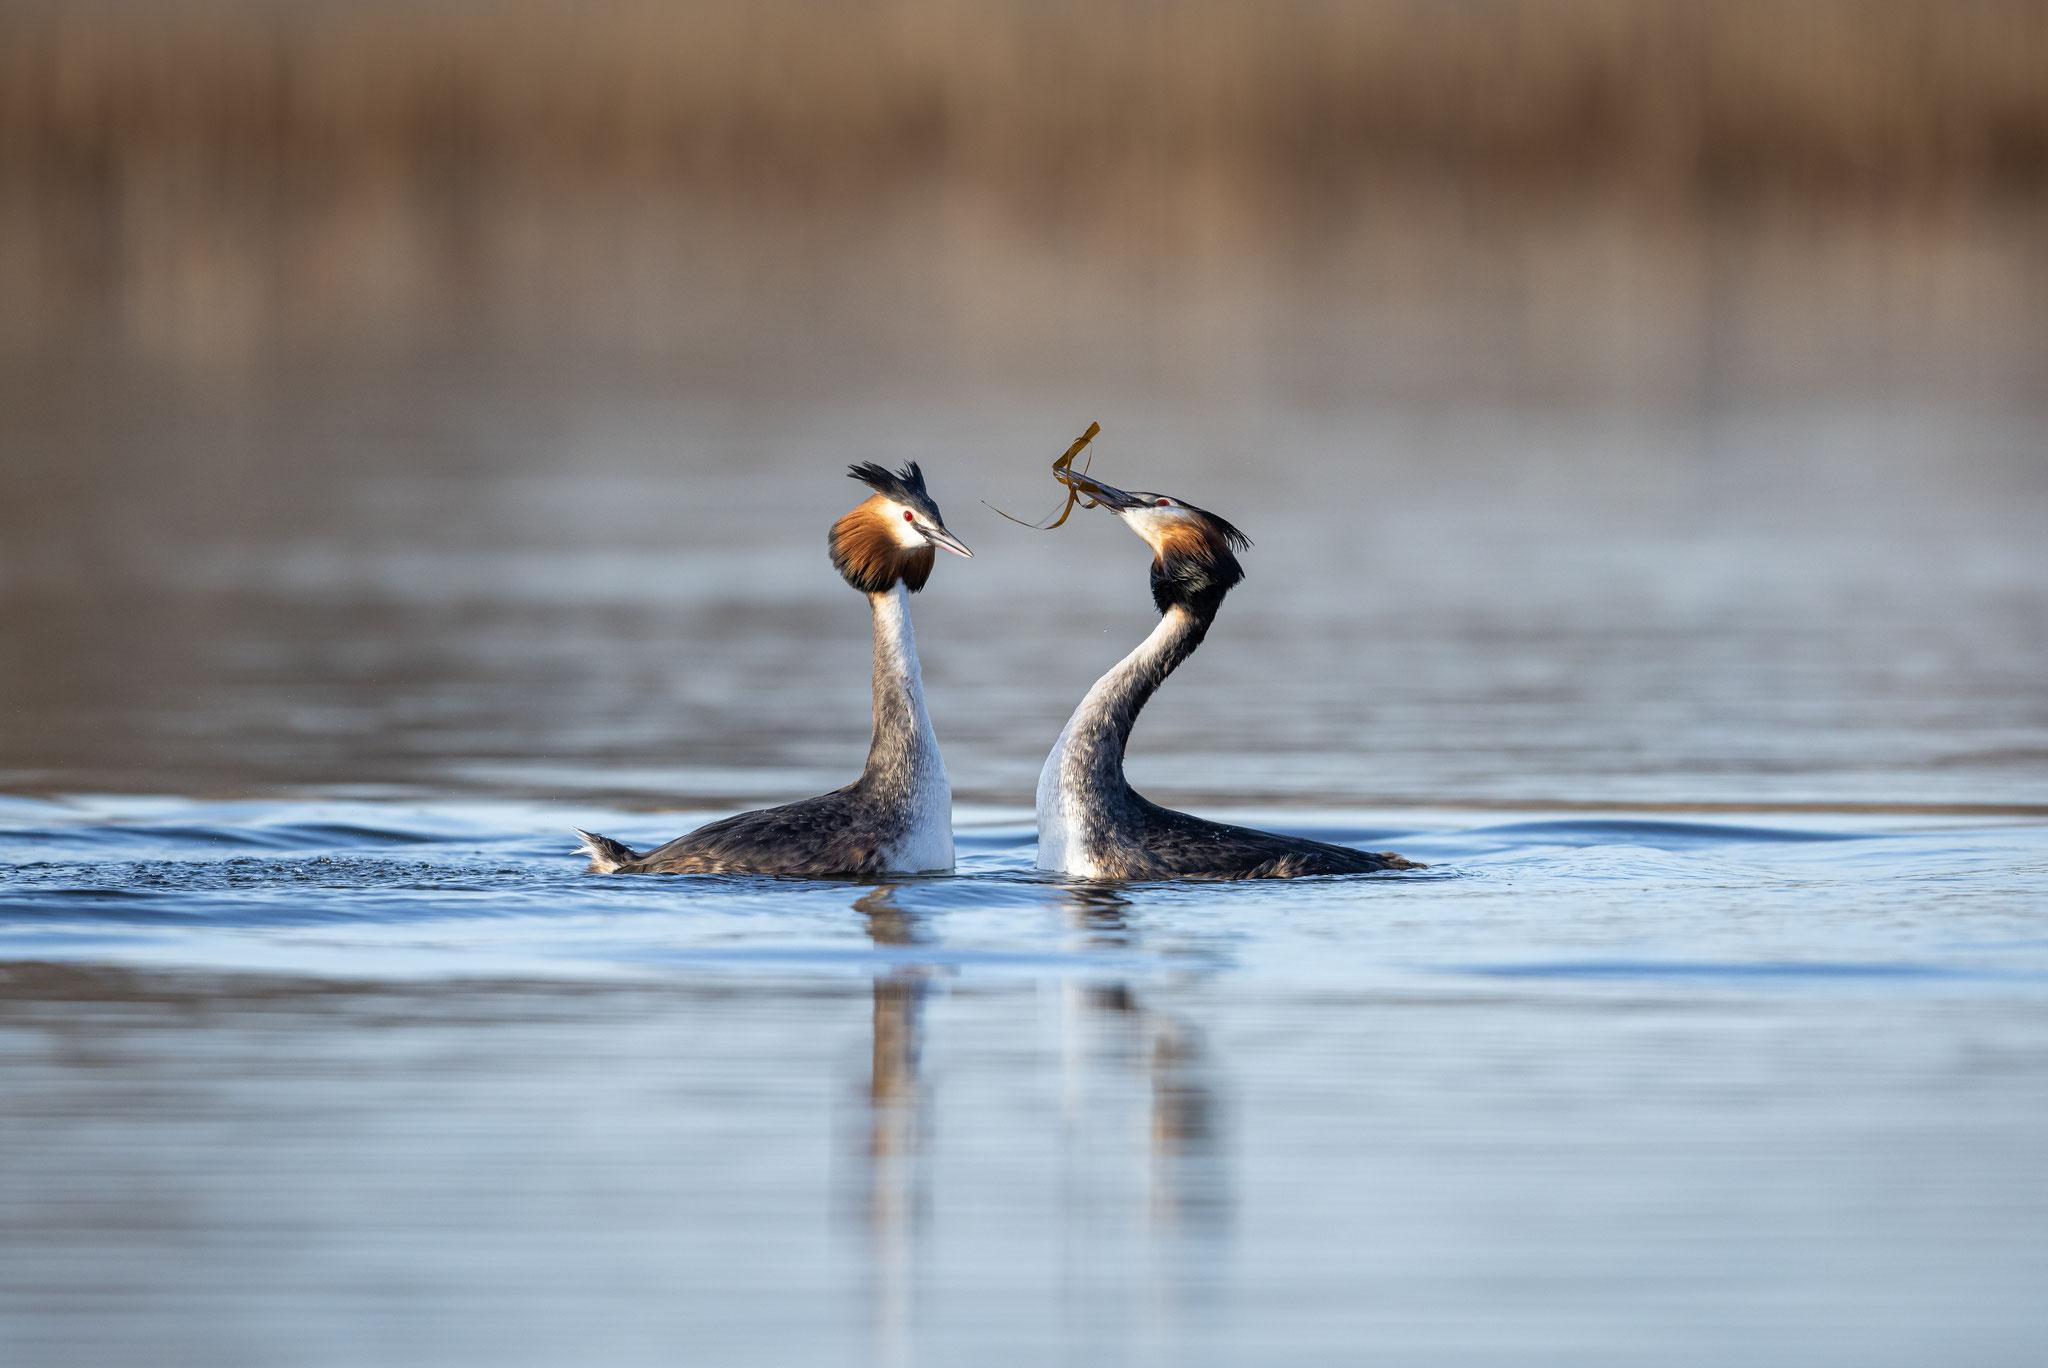 Der Pinguintanz geht dann über in eine Abfolge anmutiger Kopfbewegungen.